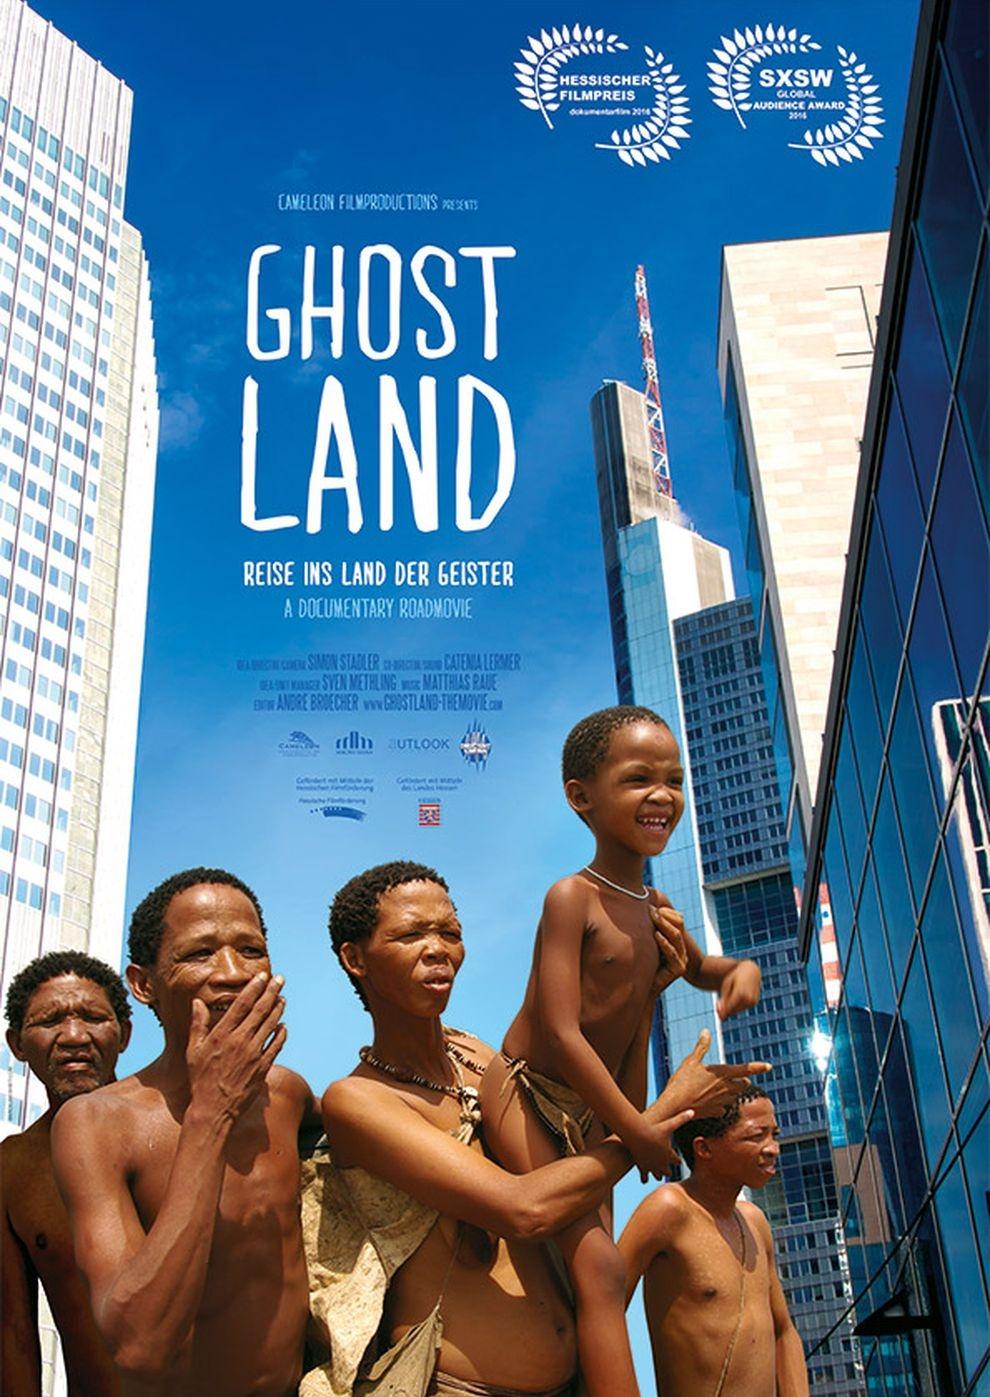 Ghostland - Reise ins Land der Geister (Poster)